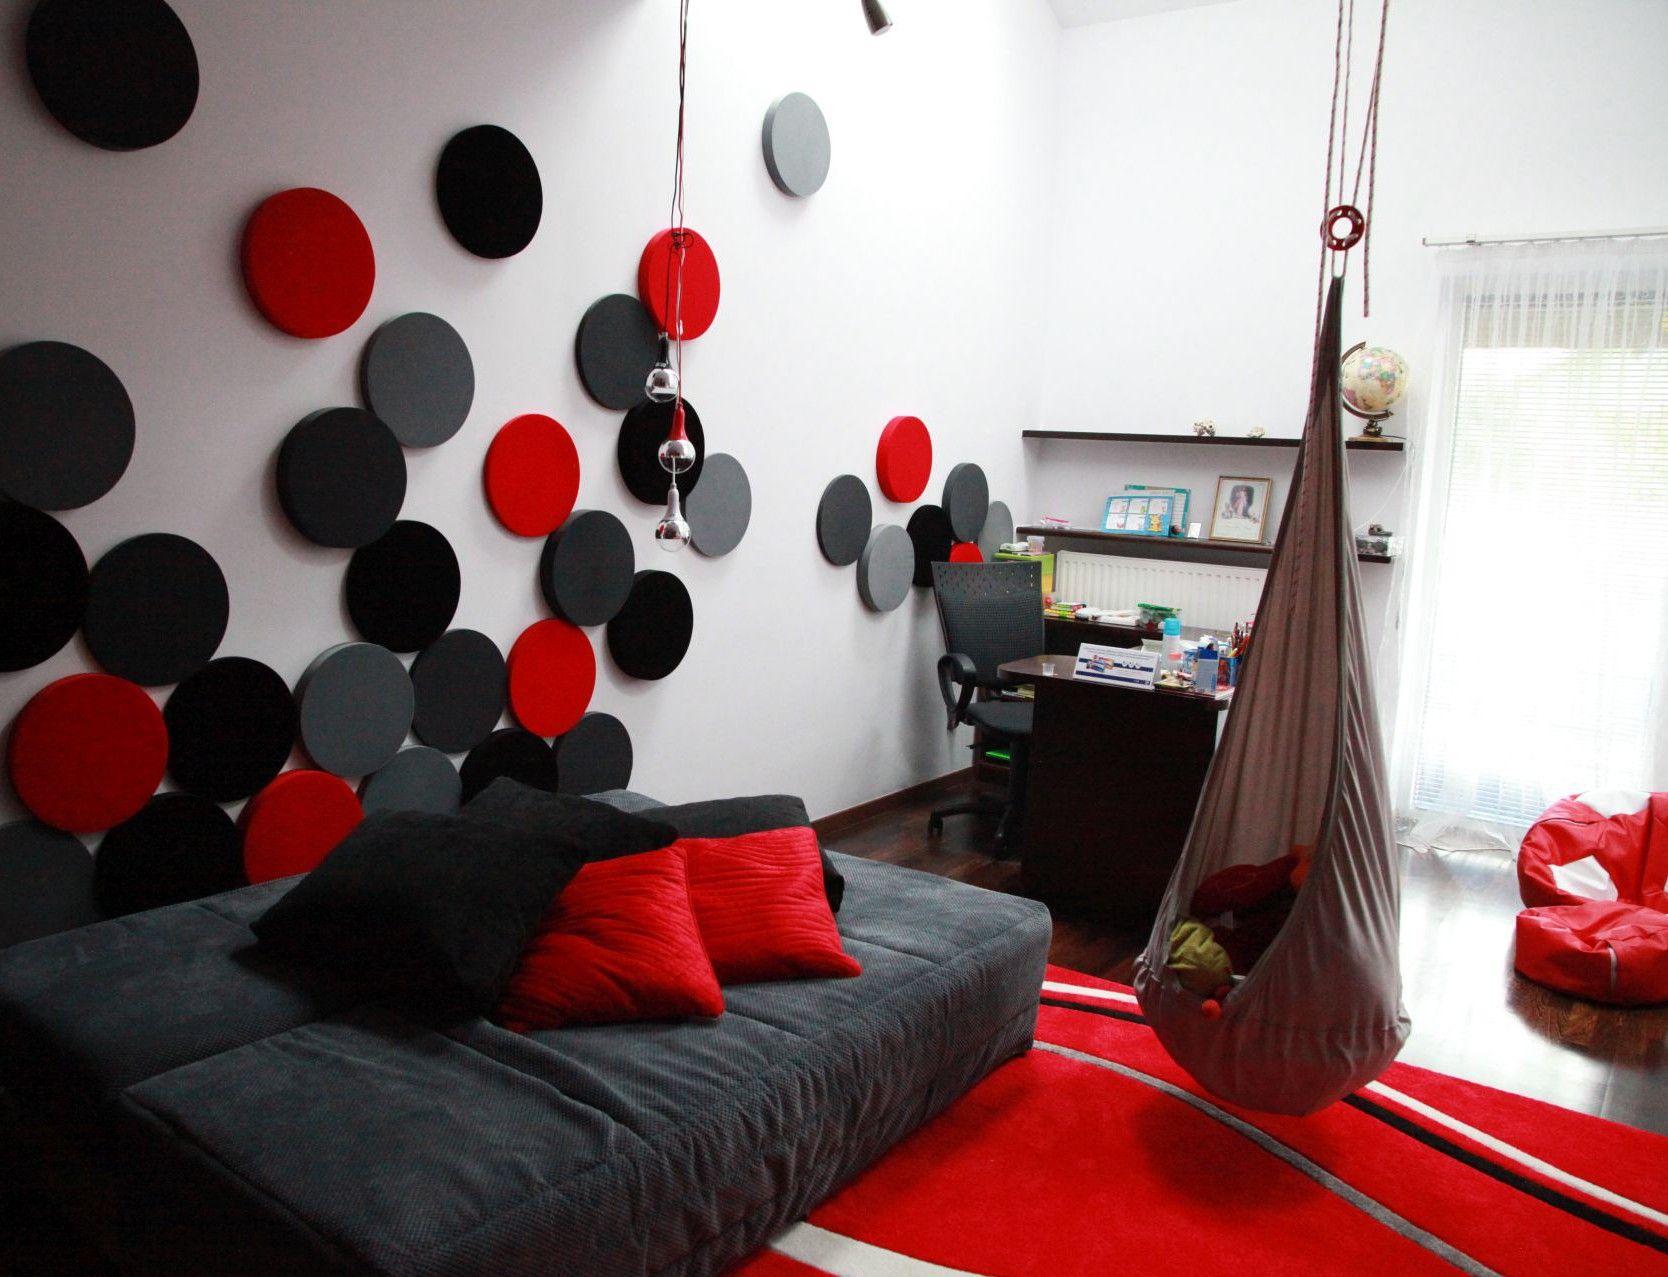 Kreative Wohnideen Fur Moderne Wandgestaltung Und Badezimmer Neu